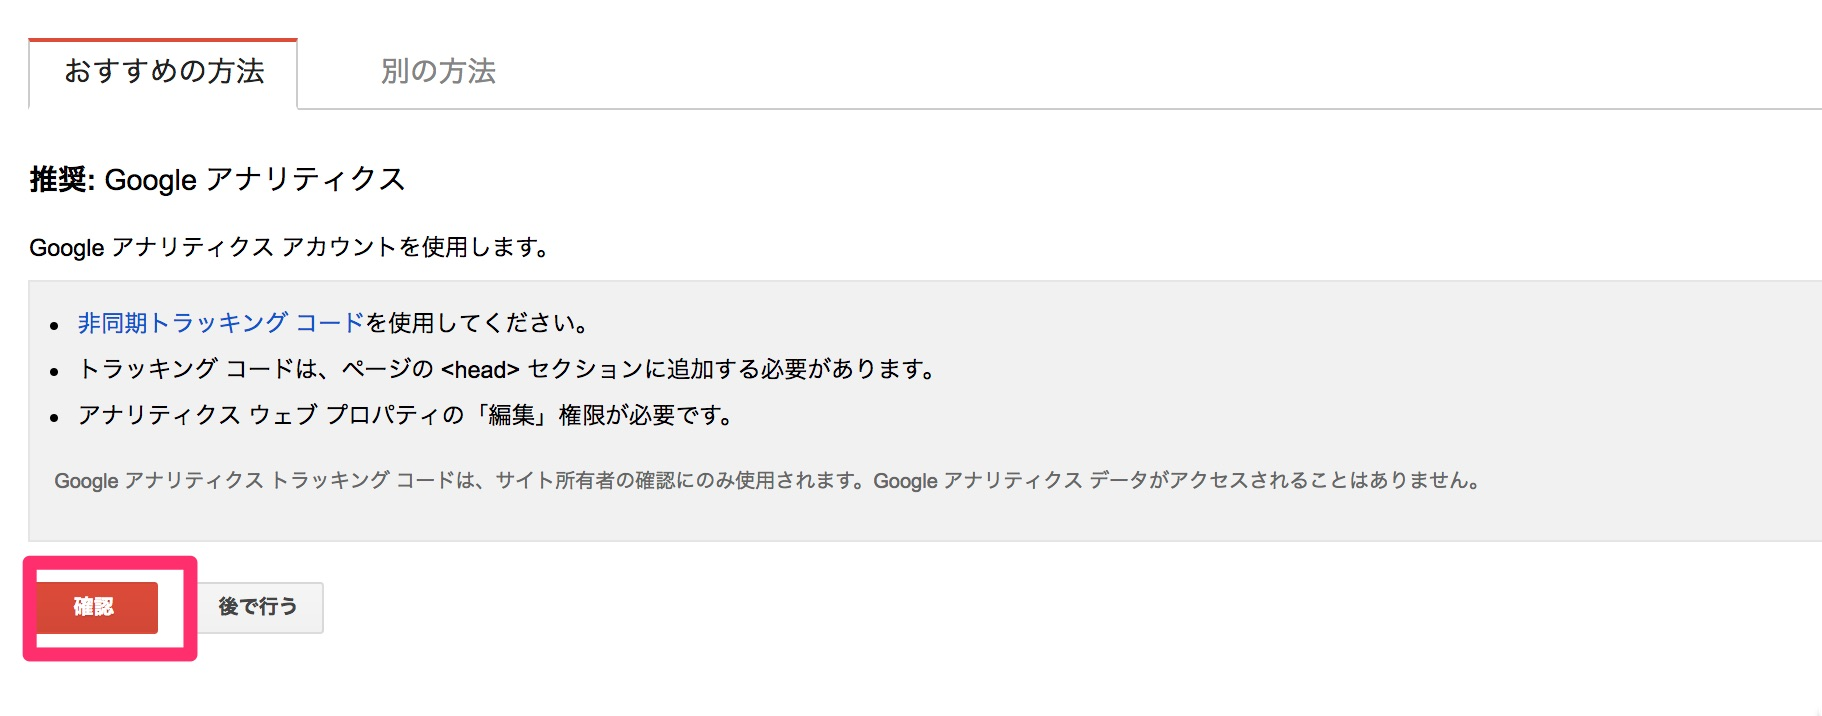 Search Console4